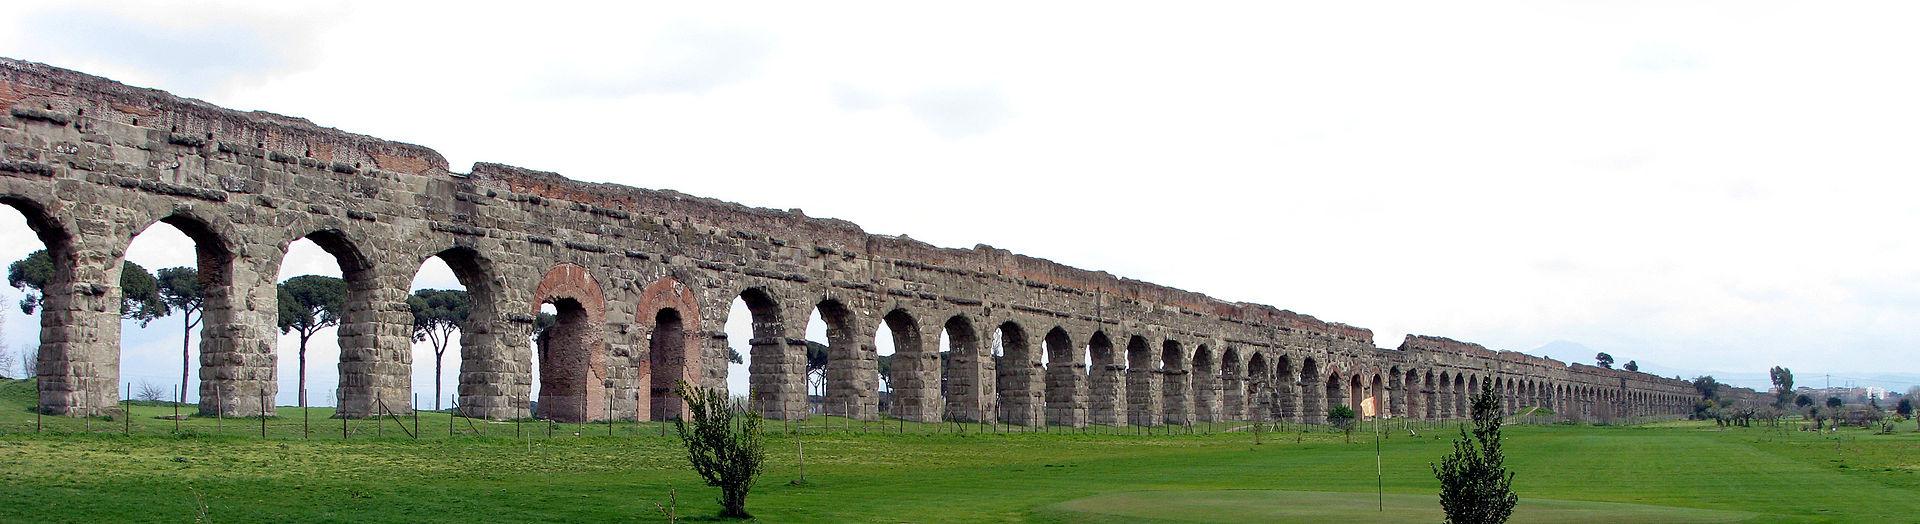 visita guidata al parco degli acquedotti a Roma